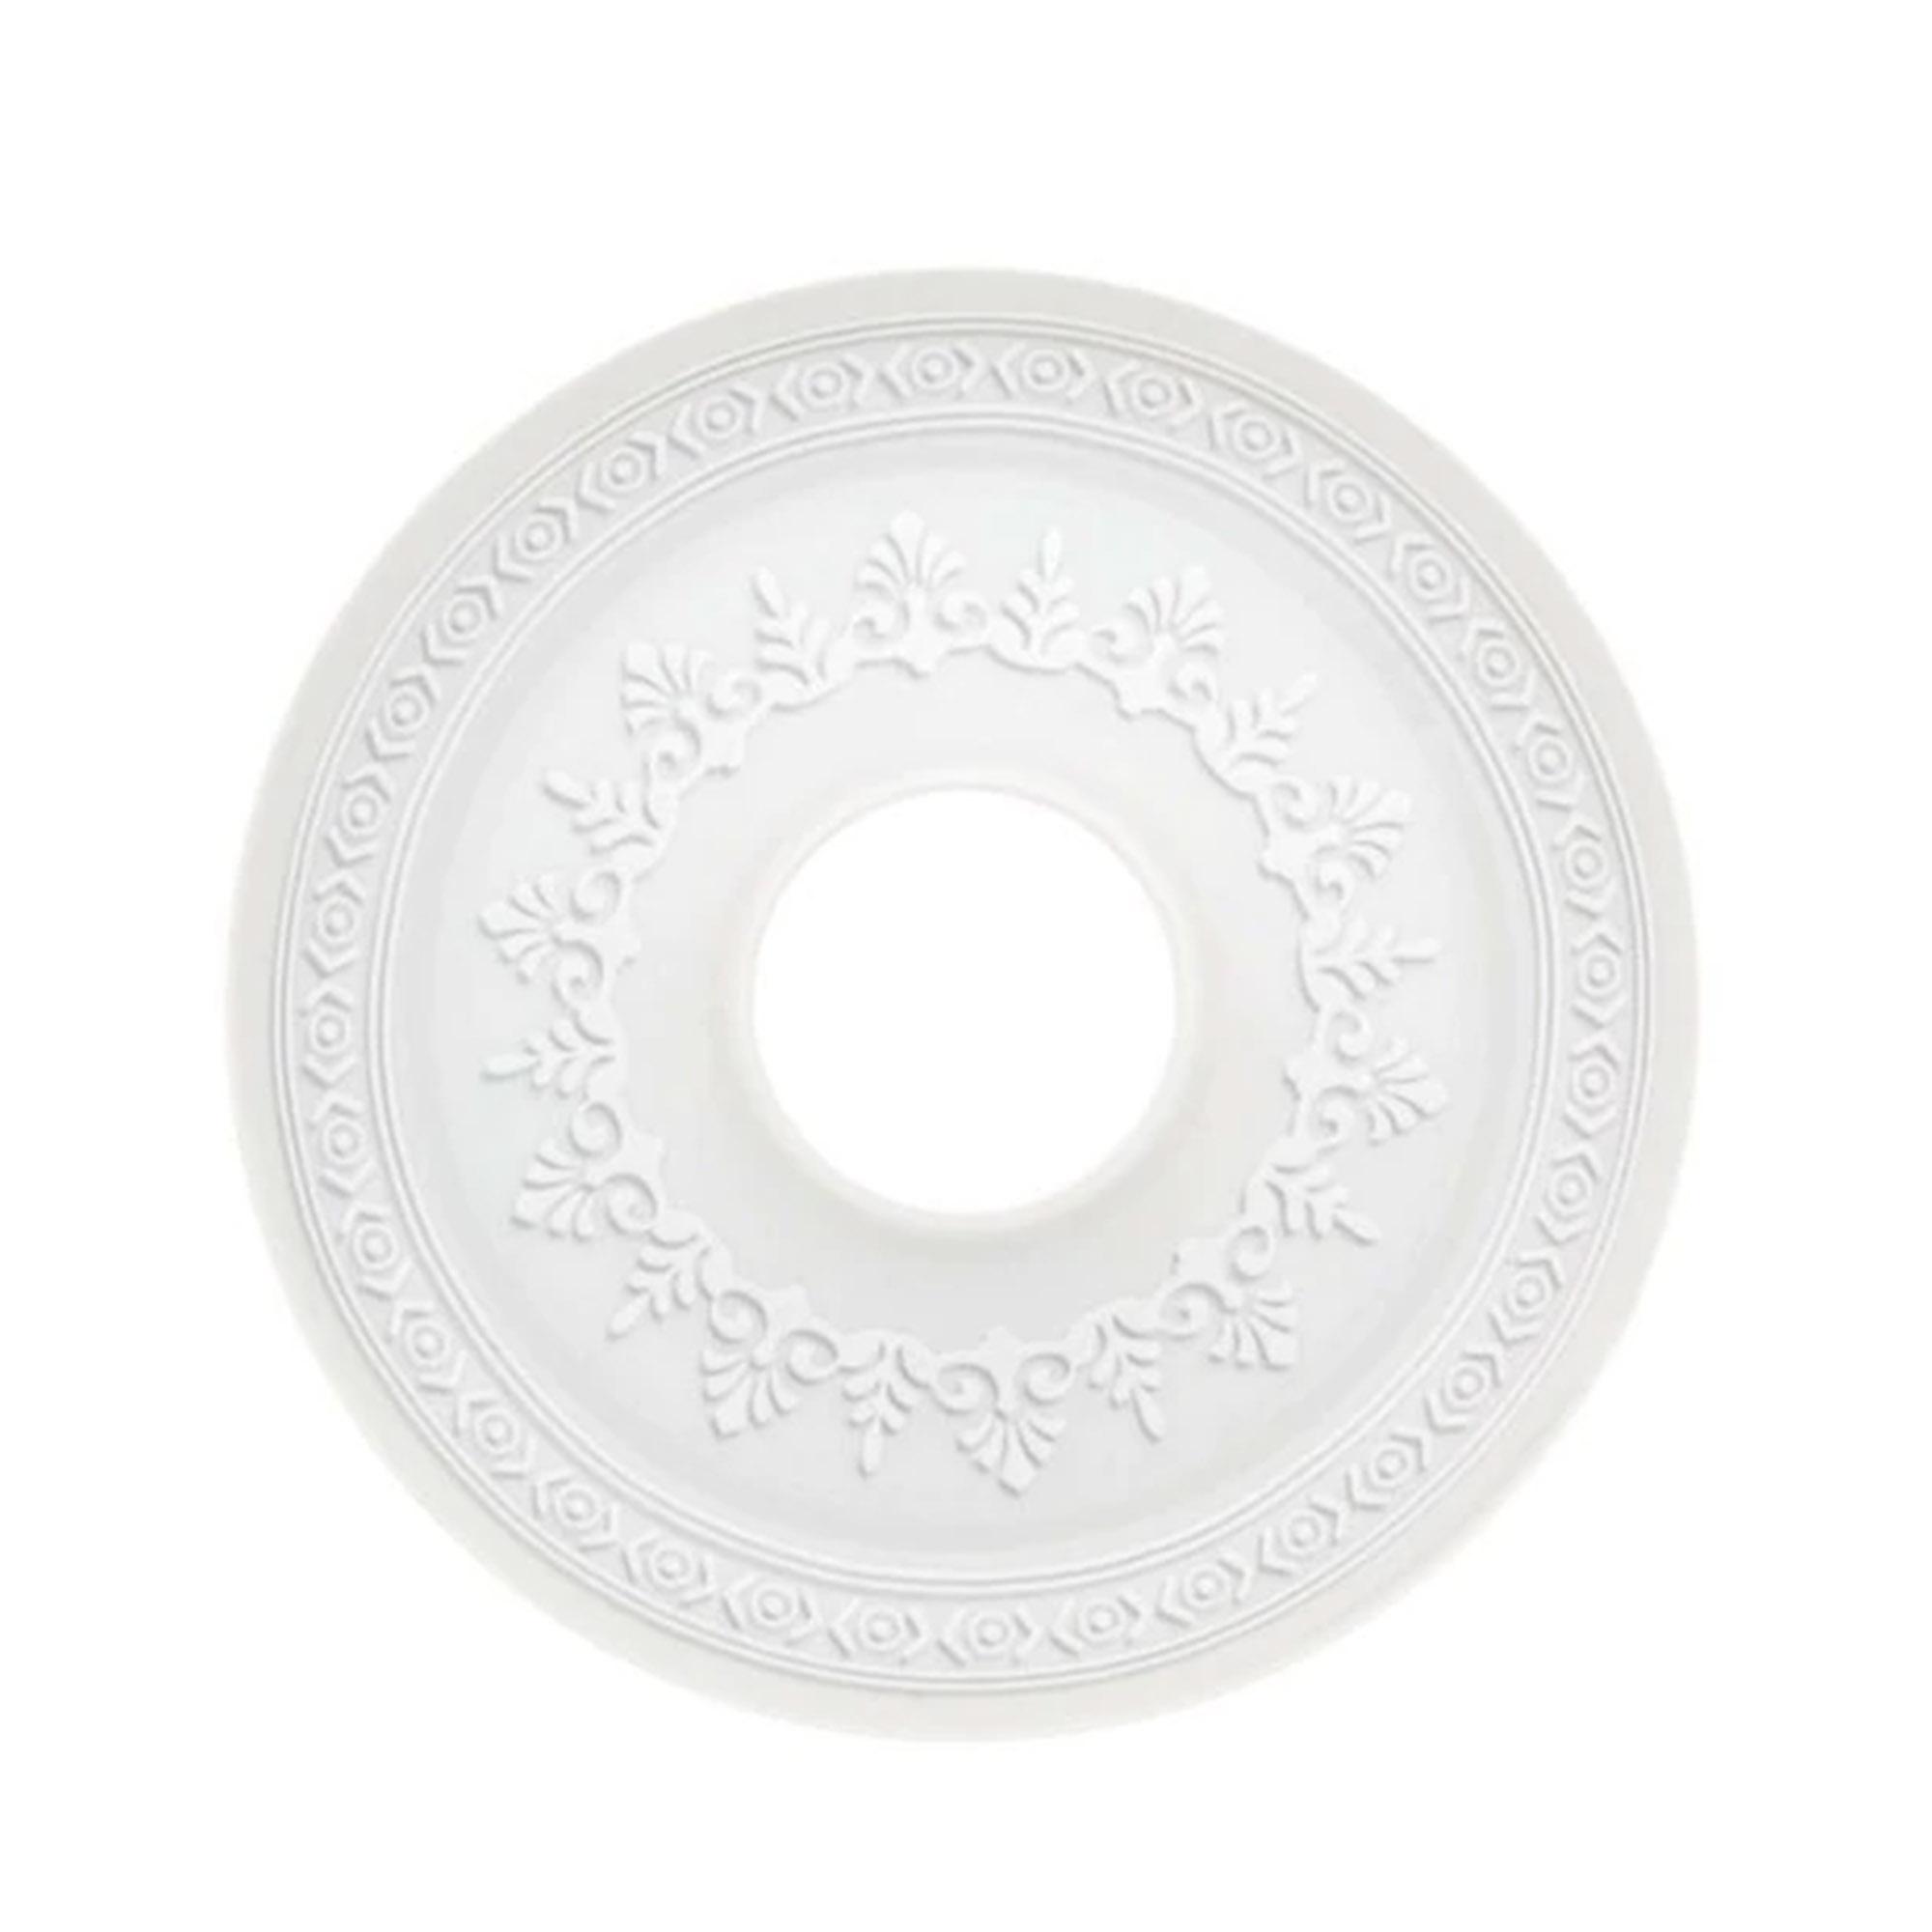 Блюдо сервировочное Rabanera Ornament Vista Alegre vista v